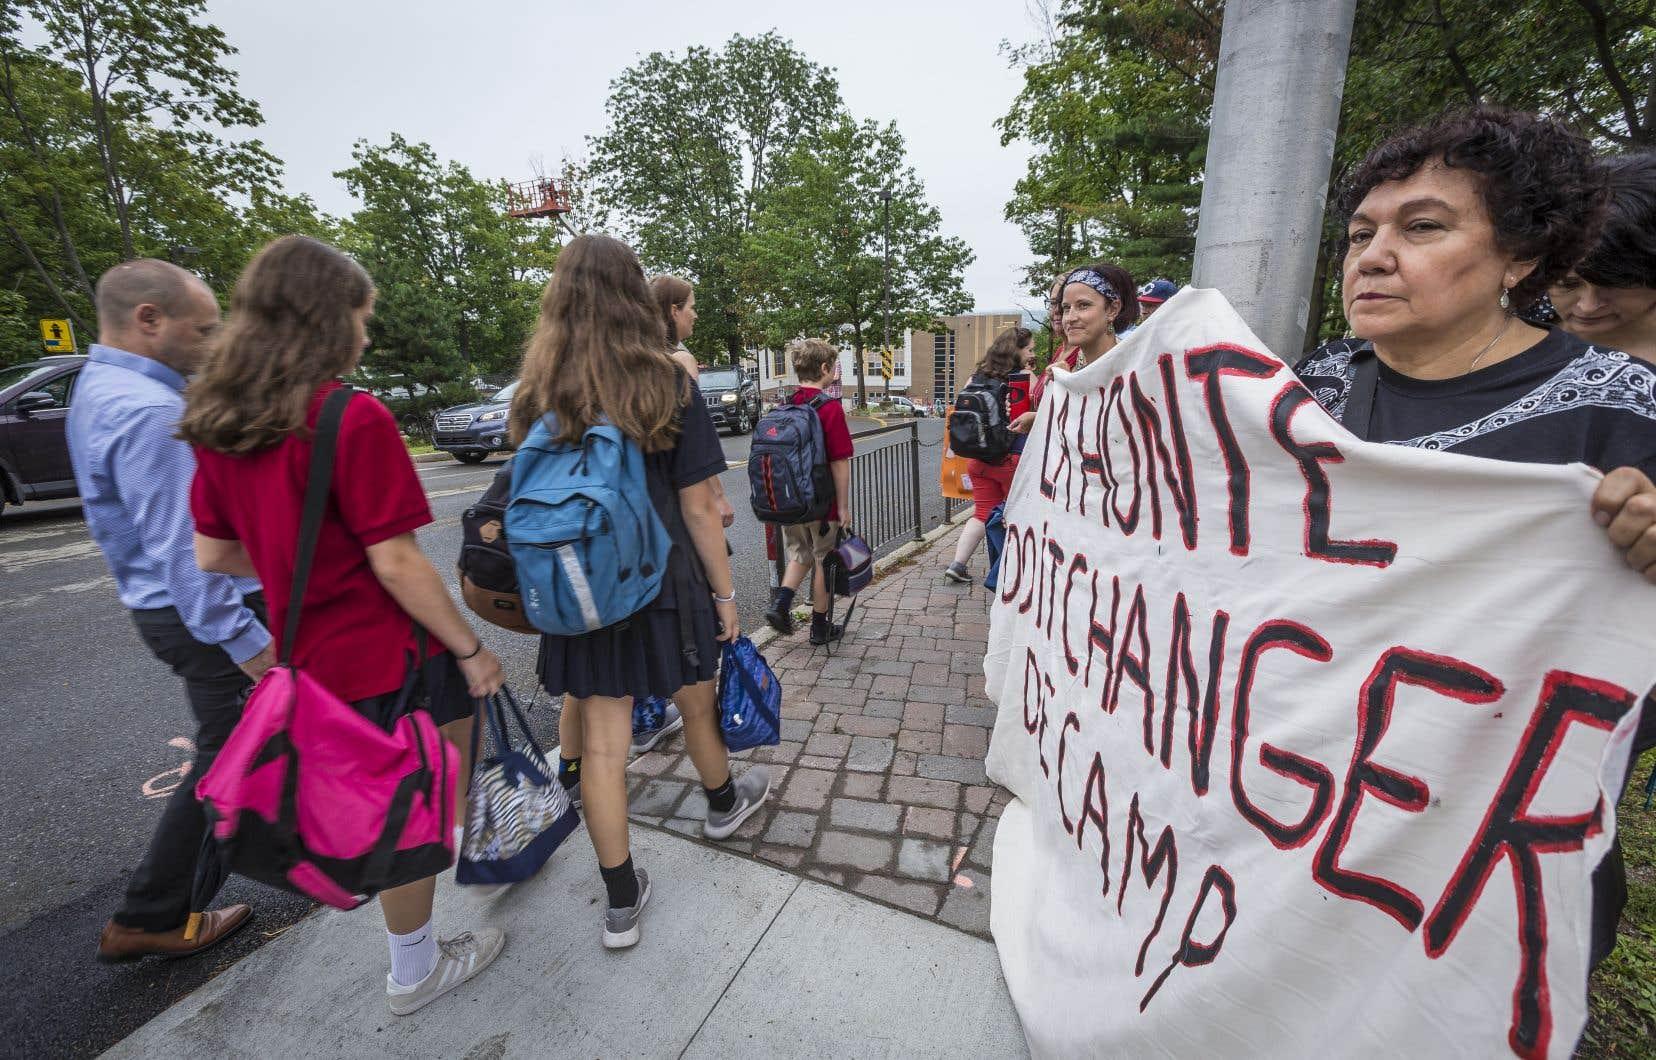 L'affaire a fait grand bruit dans la ville de Québec, où une trentaine de personnes ont formé mardi matin une chaîne humaine en soutien aux victimes présumées.